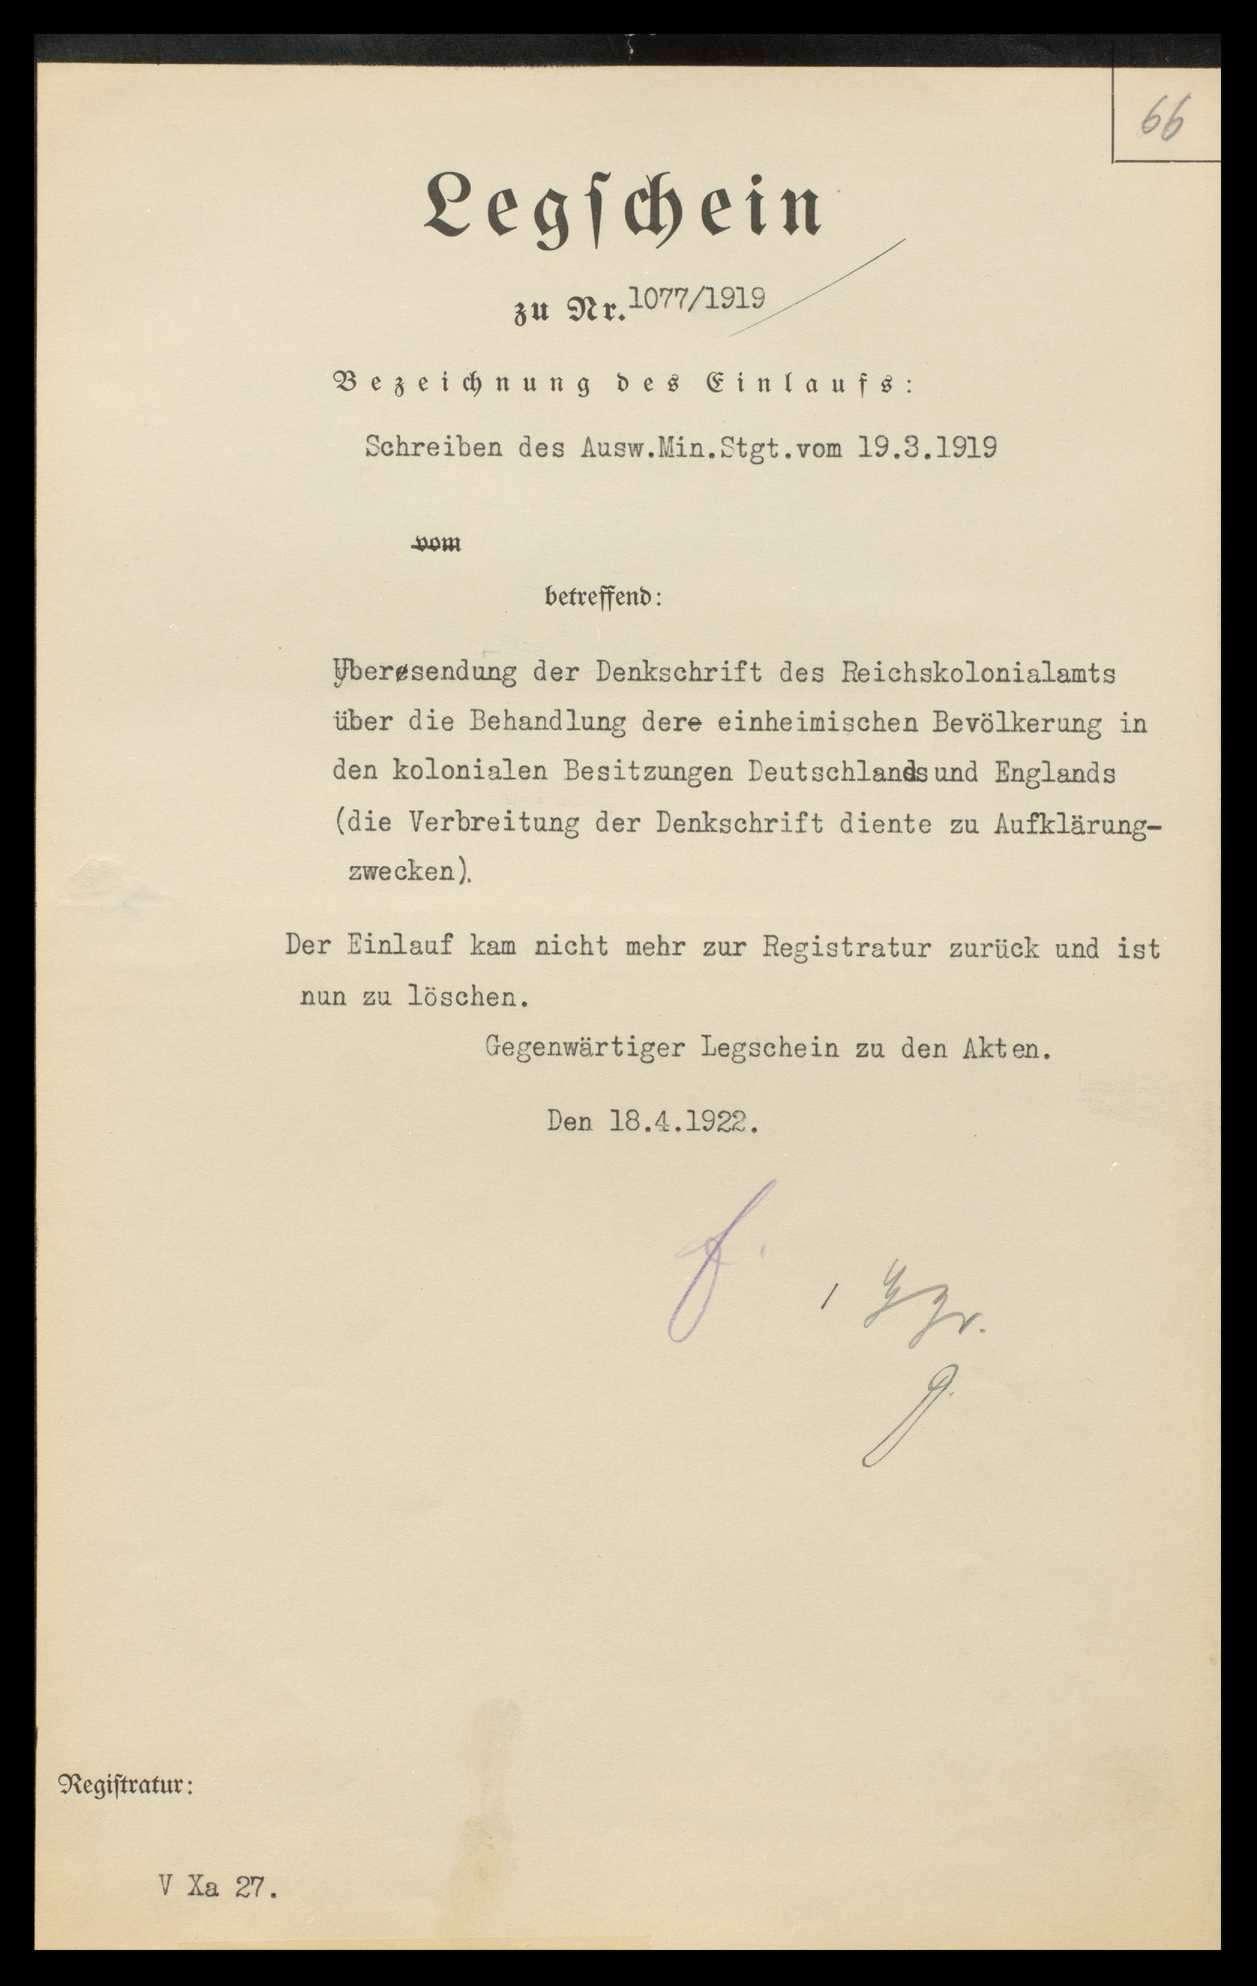 Reichszentrale für Heimatdienst, Landesabteilung Württemberg-Hohenzollern, Bild 3